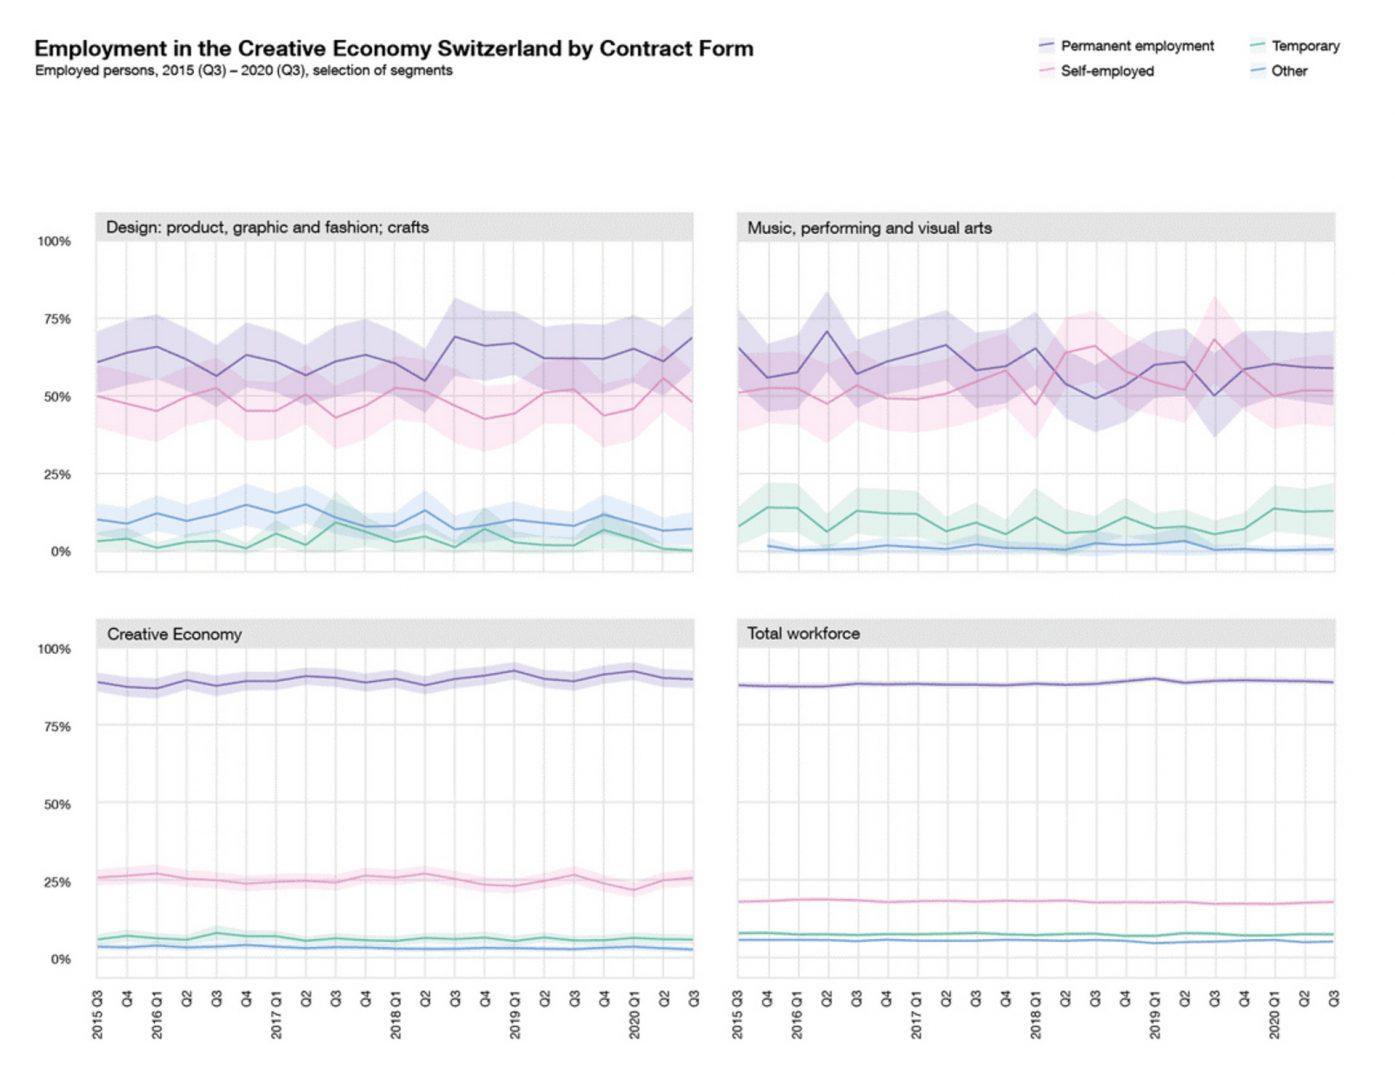 Diese Grafik zeigt alle Erwerbstätigen in der Gesamtwirtschaft im Vergleich mit der Kreativwirtschaft nach Bereichen und Vertragsform in der Schweiz im zeitlichen Verlauf von 2015 bis 2020. Die Schattierung stellt die statistische Unsicherheit (Vertrauensintervall) dar. Quelle: BFS, SAKE, eigene Berechnungen ZCCE, ZHdK